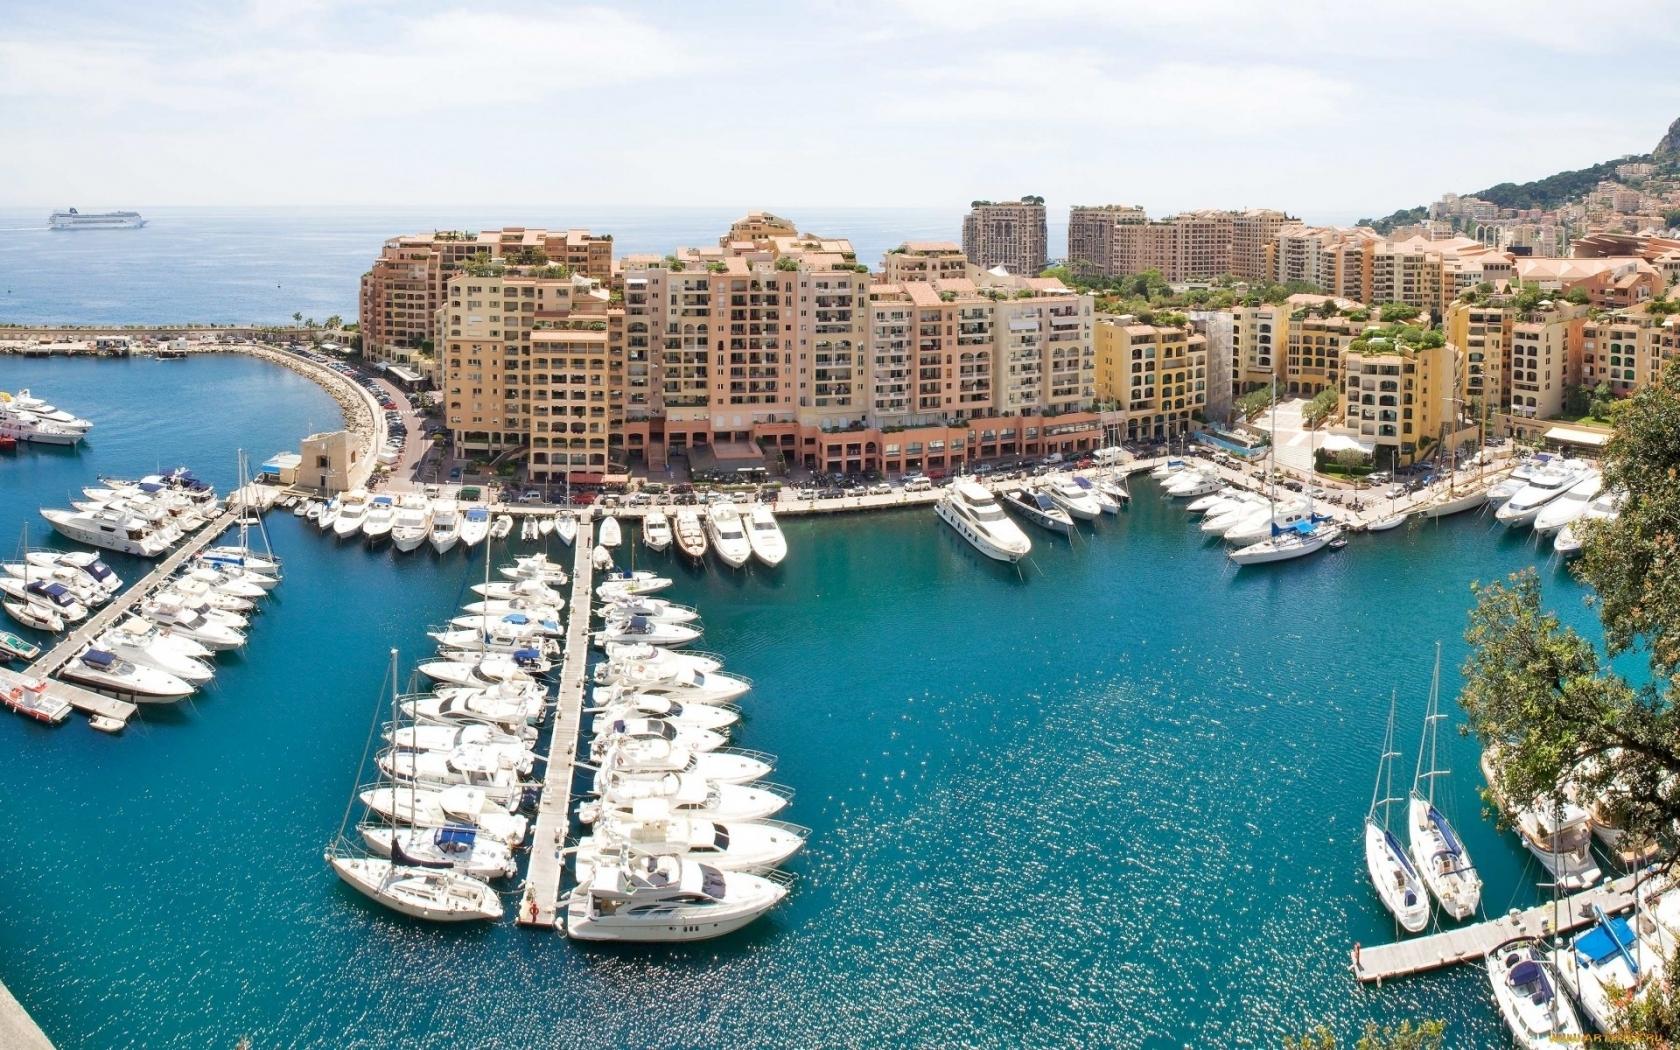 Villa de Monaco - 1680x1050